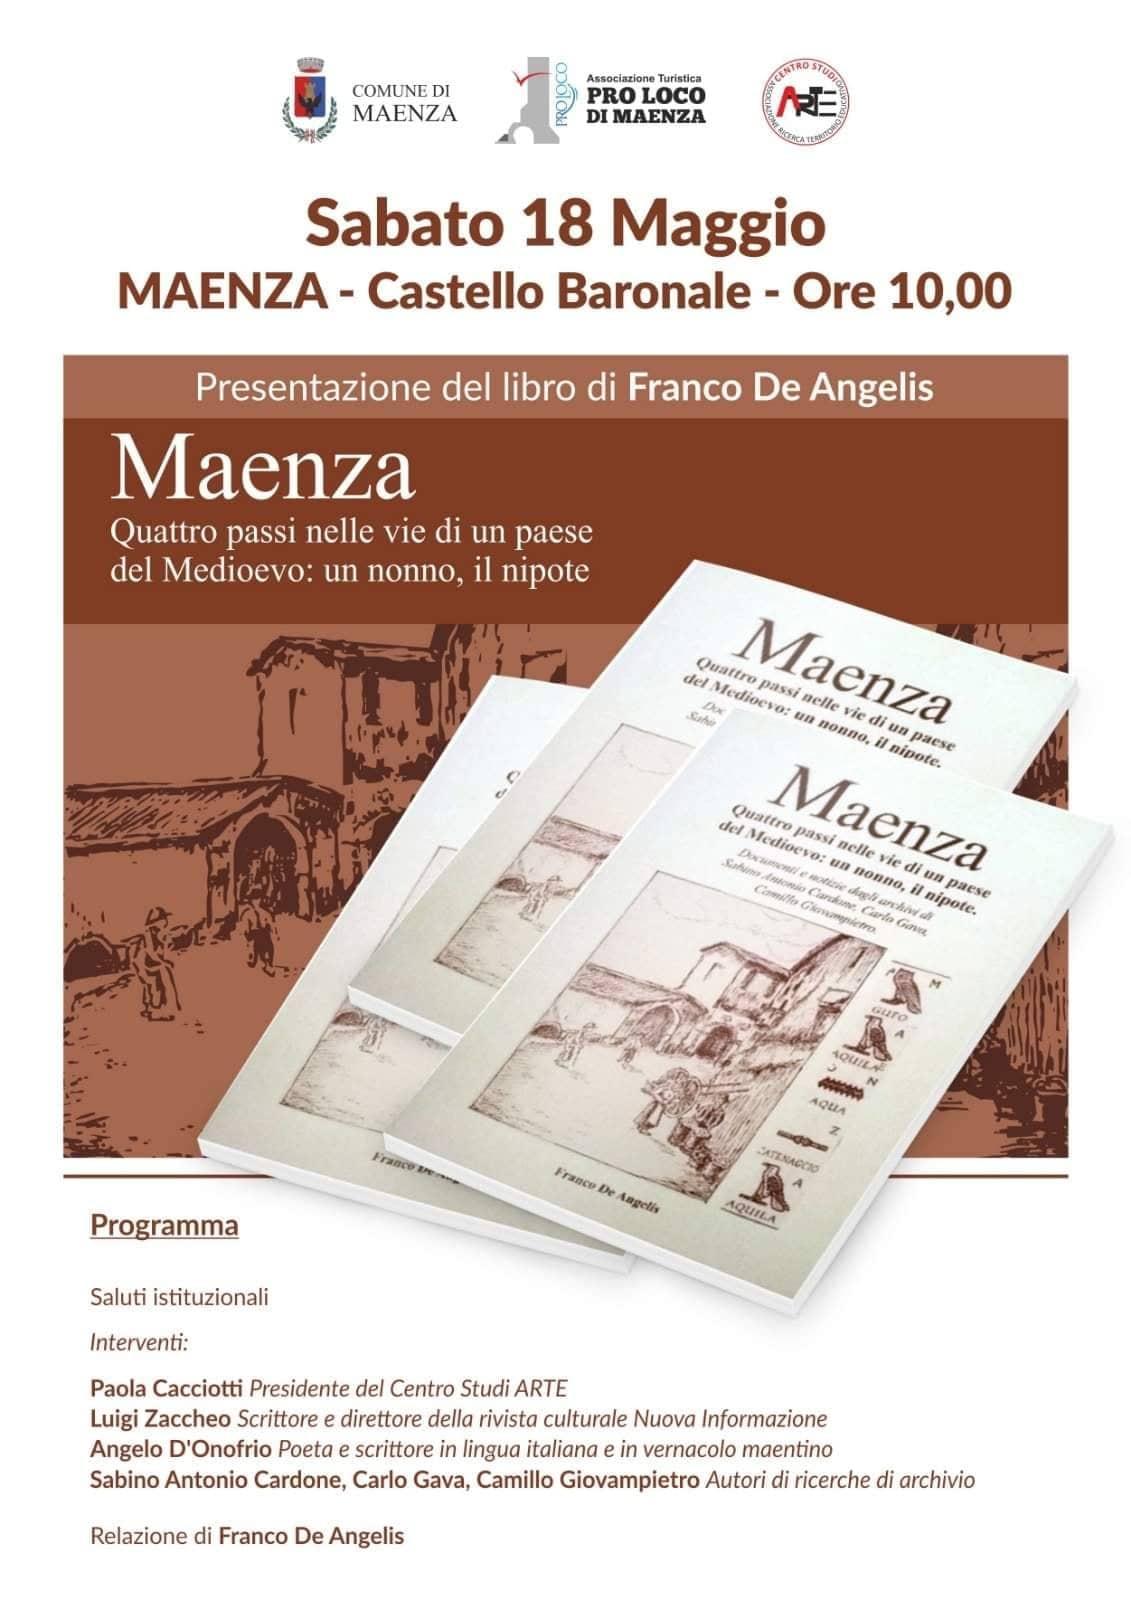 Maenza: Presentazione del libro @ castello baronale | Maenza | Lazio | Italia